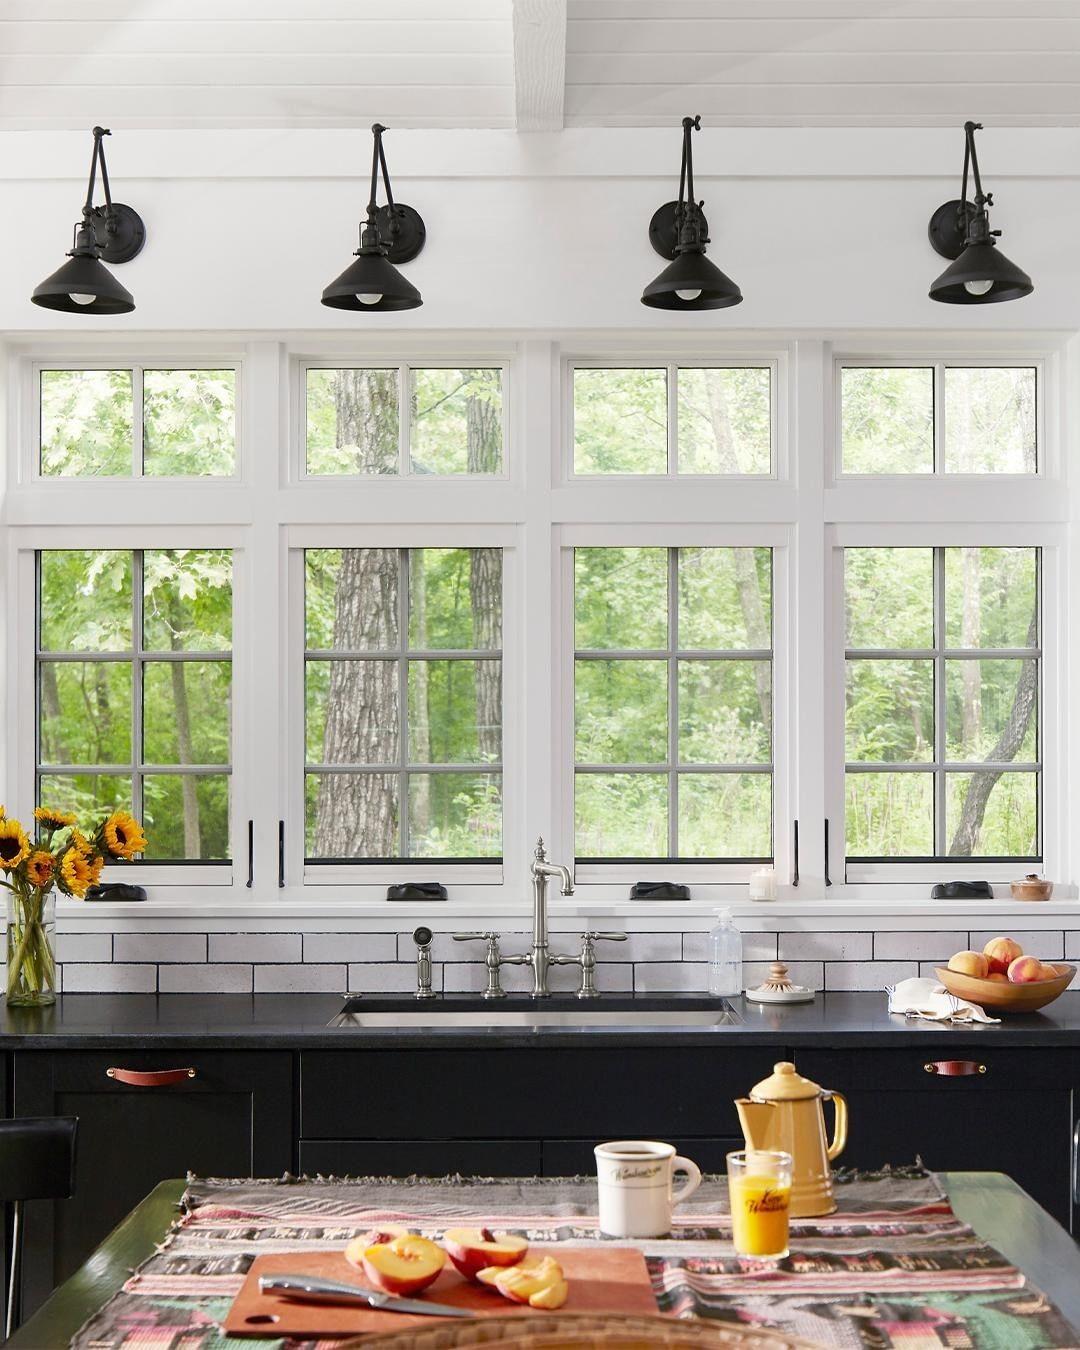 30 x 30 x 24 mm estilo vintage para cocina en el hogar color negro mate Tirador para muebles 2 unidades